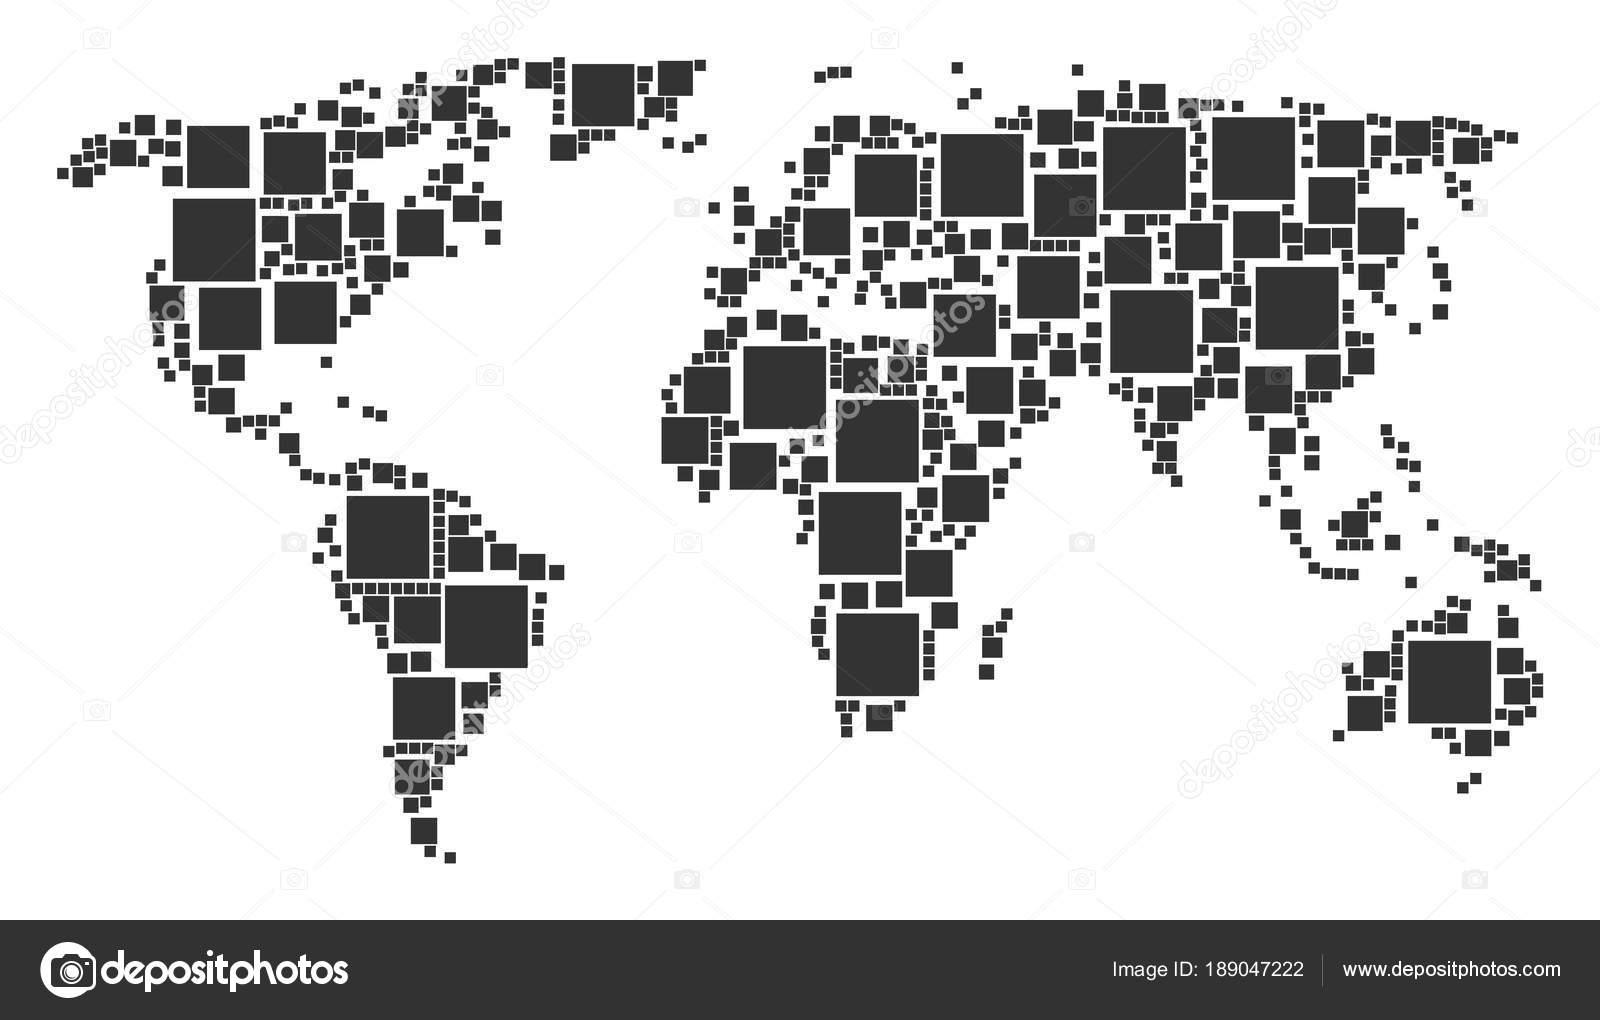 塗りつぶされた正方形アイテムのモザイクの世界地図 ストックベクター